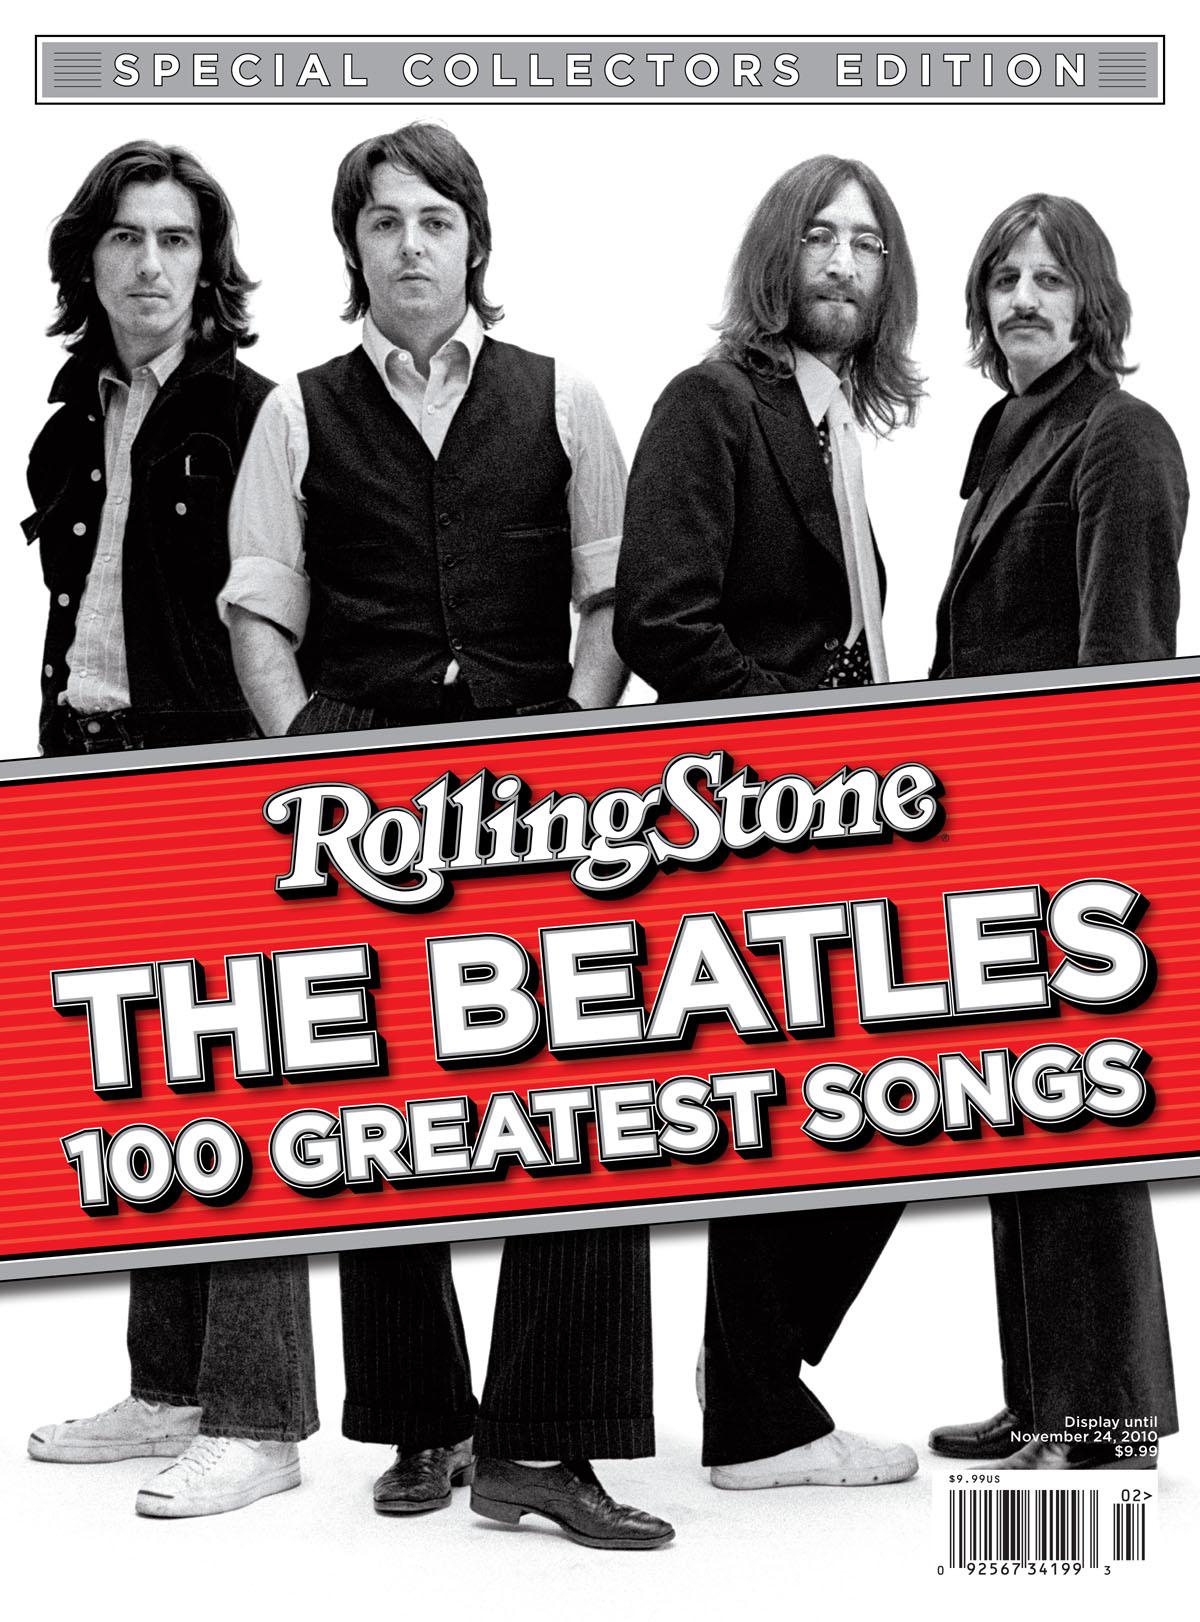 Resultado de imagem para 100 greatest beatles songs rolling stones